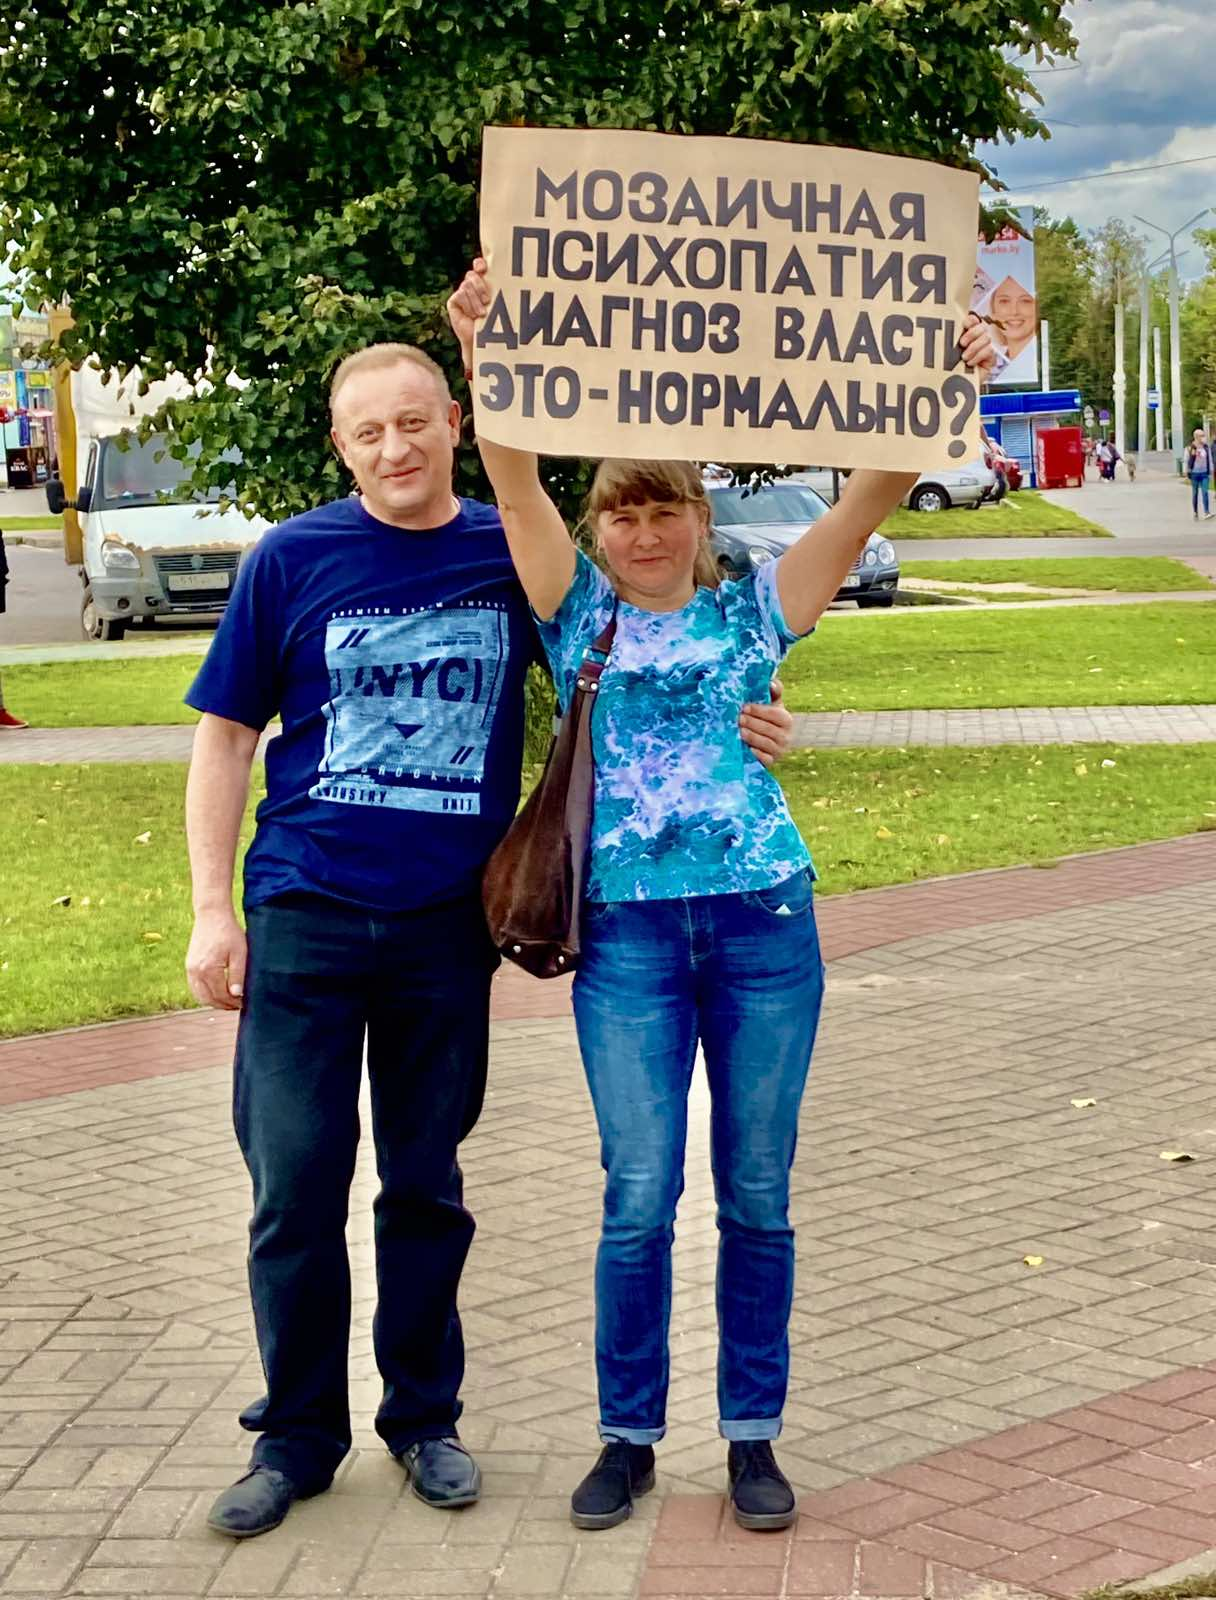 """Воскресный протестный марш по """"югам"""". 13 сентября. Витебск."""